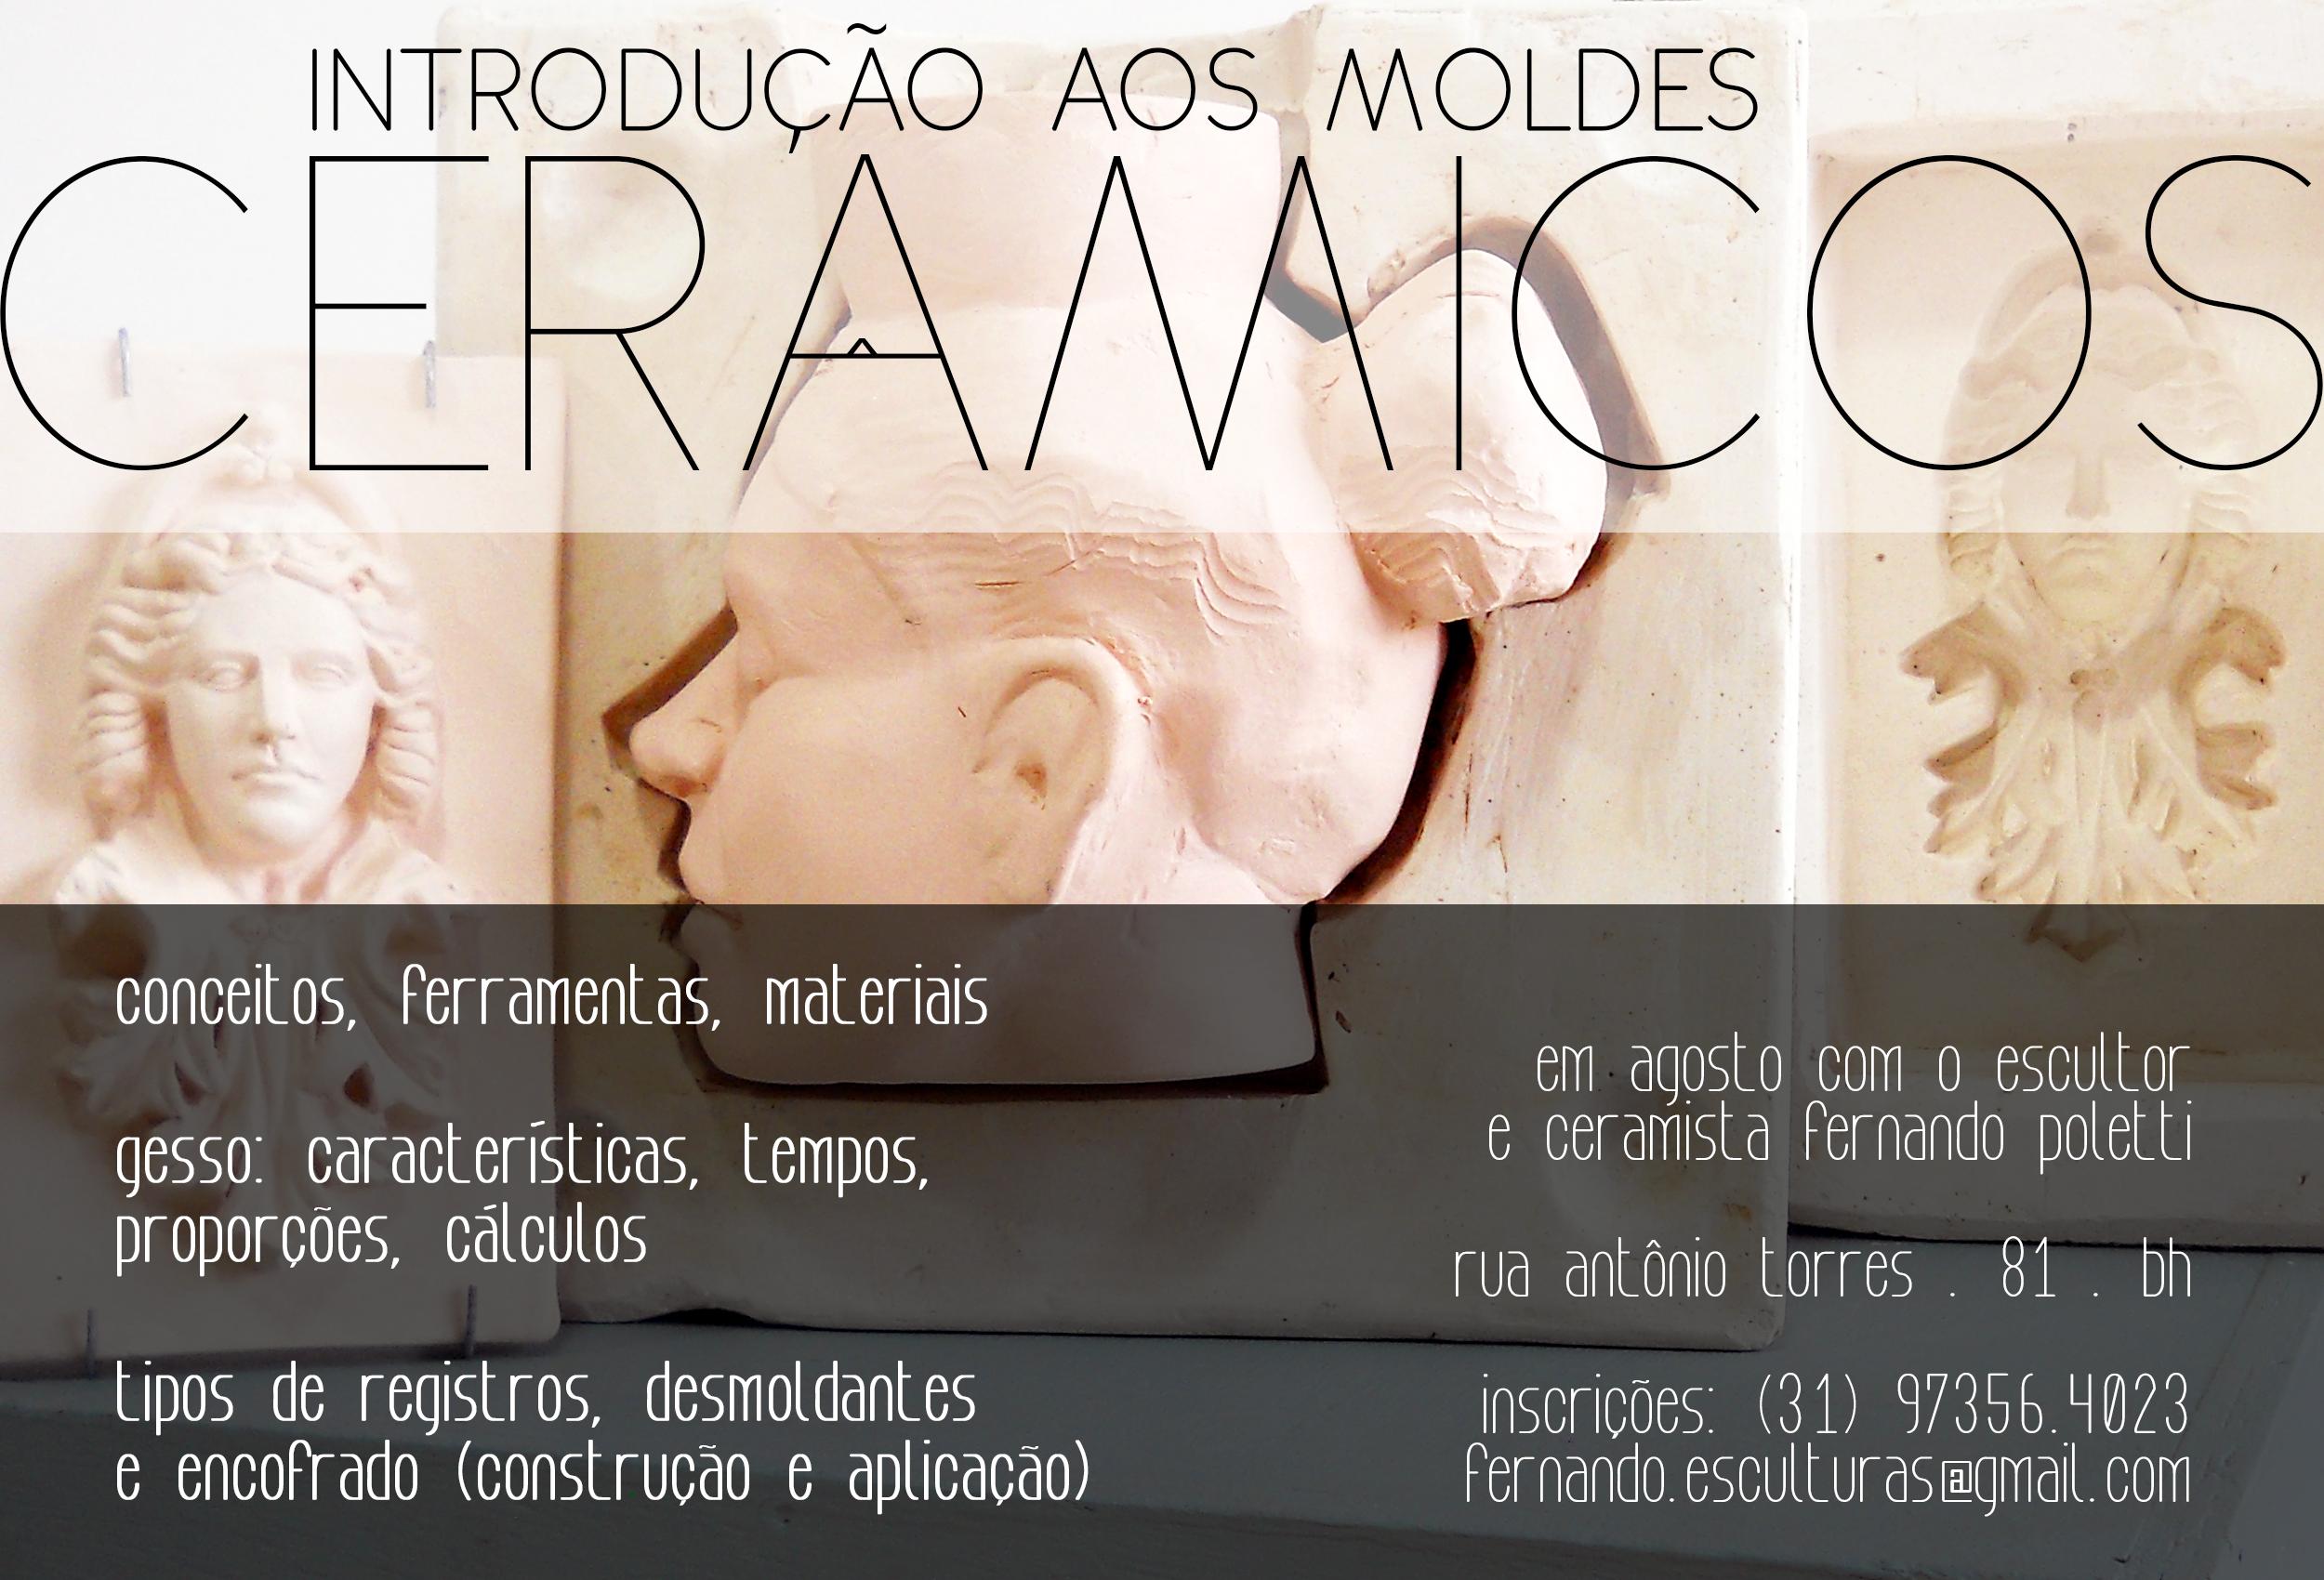 2018 . MOLDES CERÂMICOS . reprodução cerâmica realizada com gesso